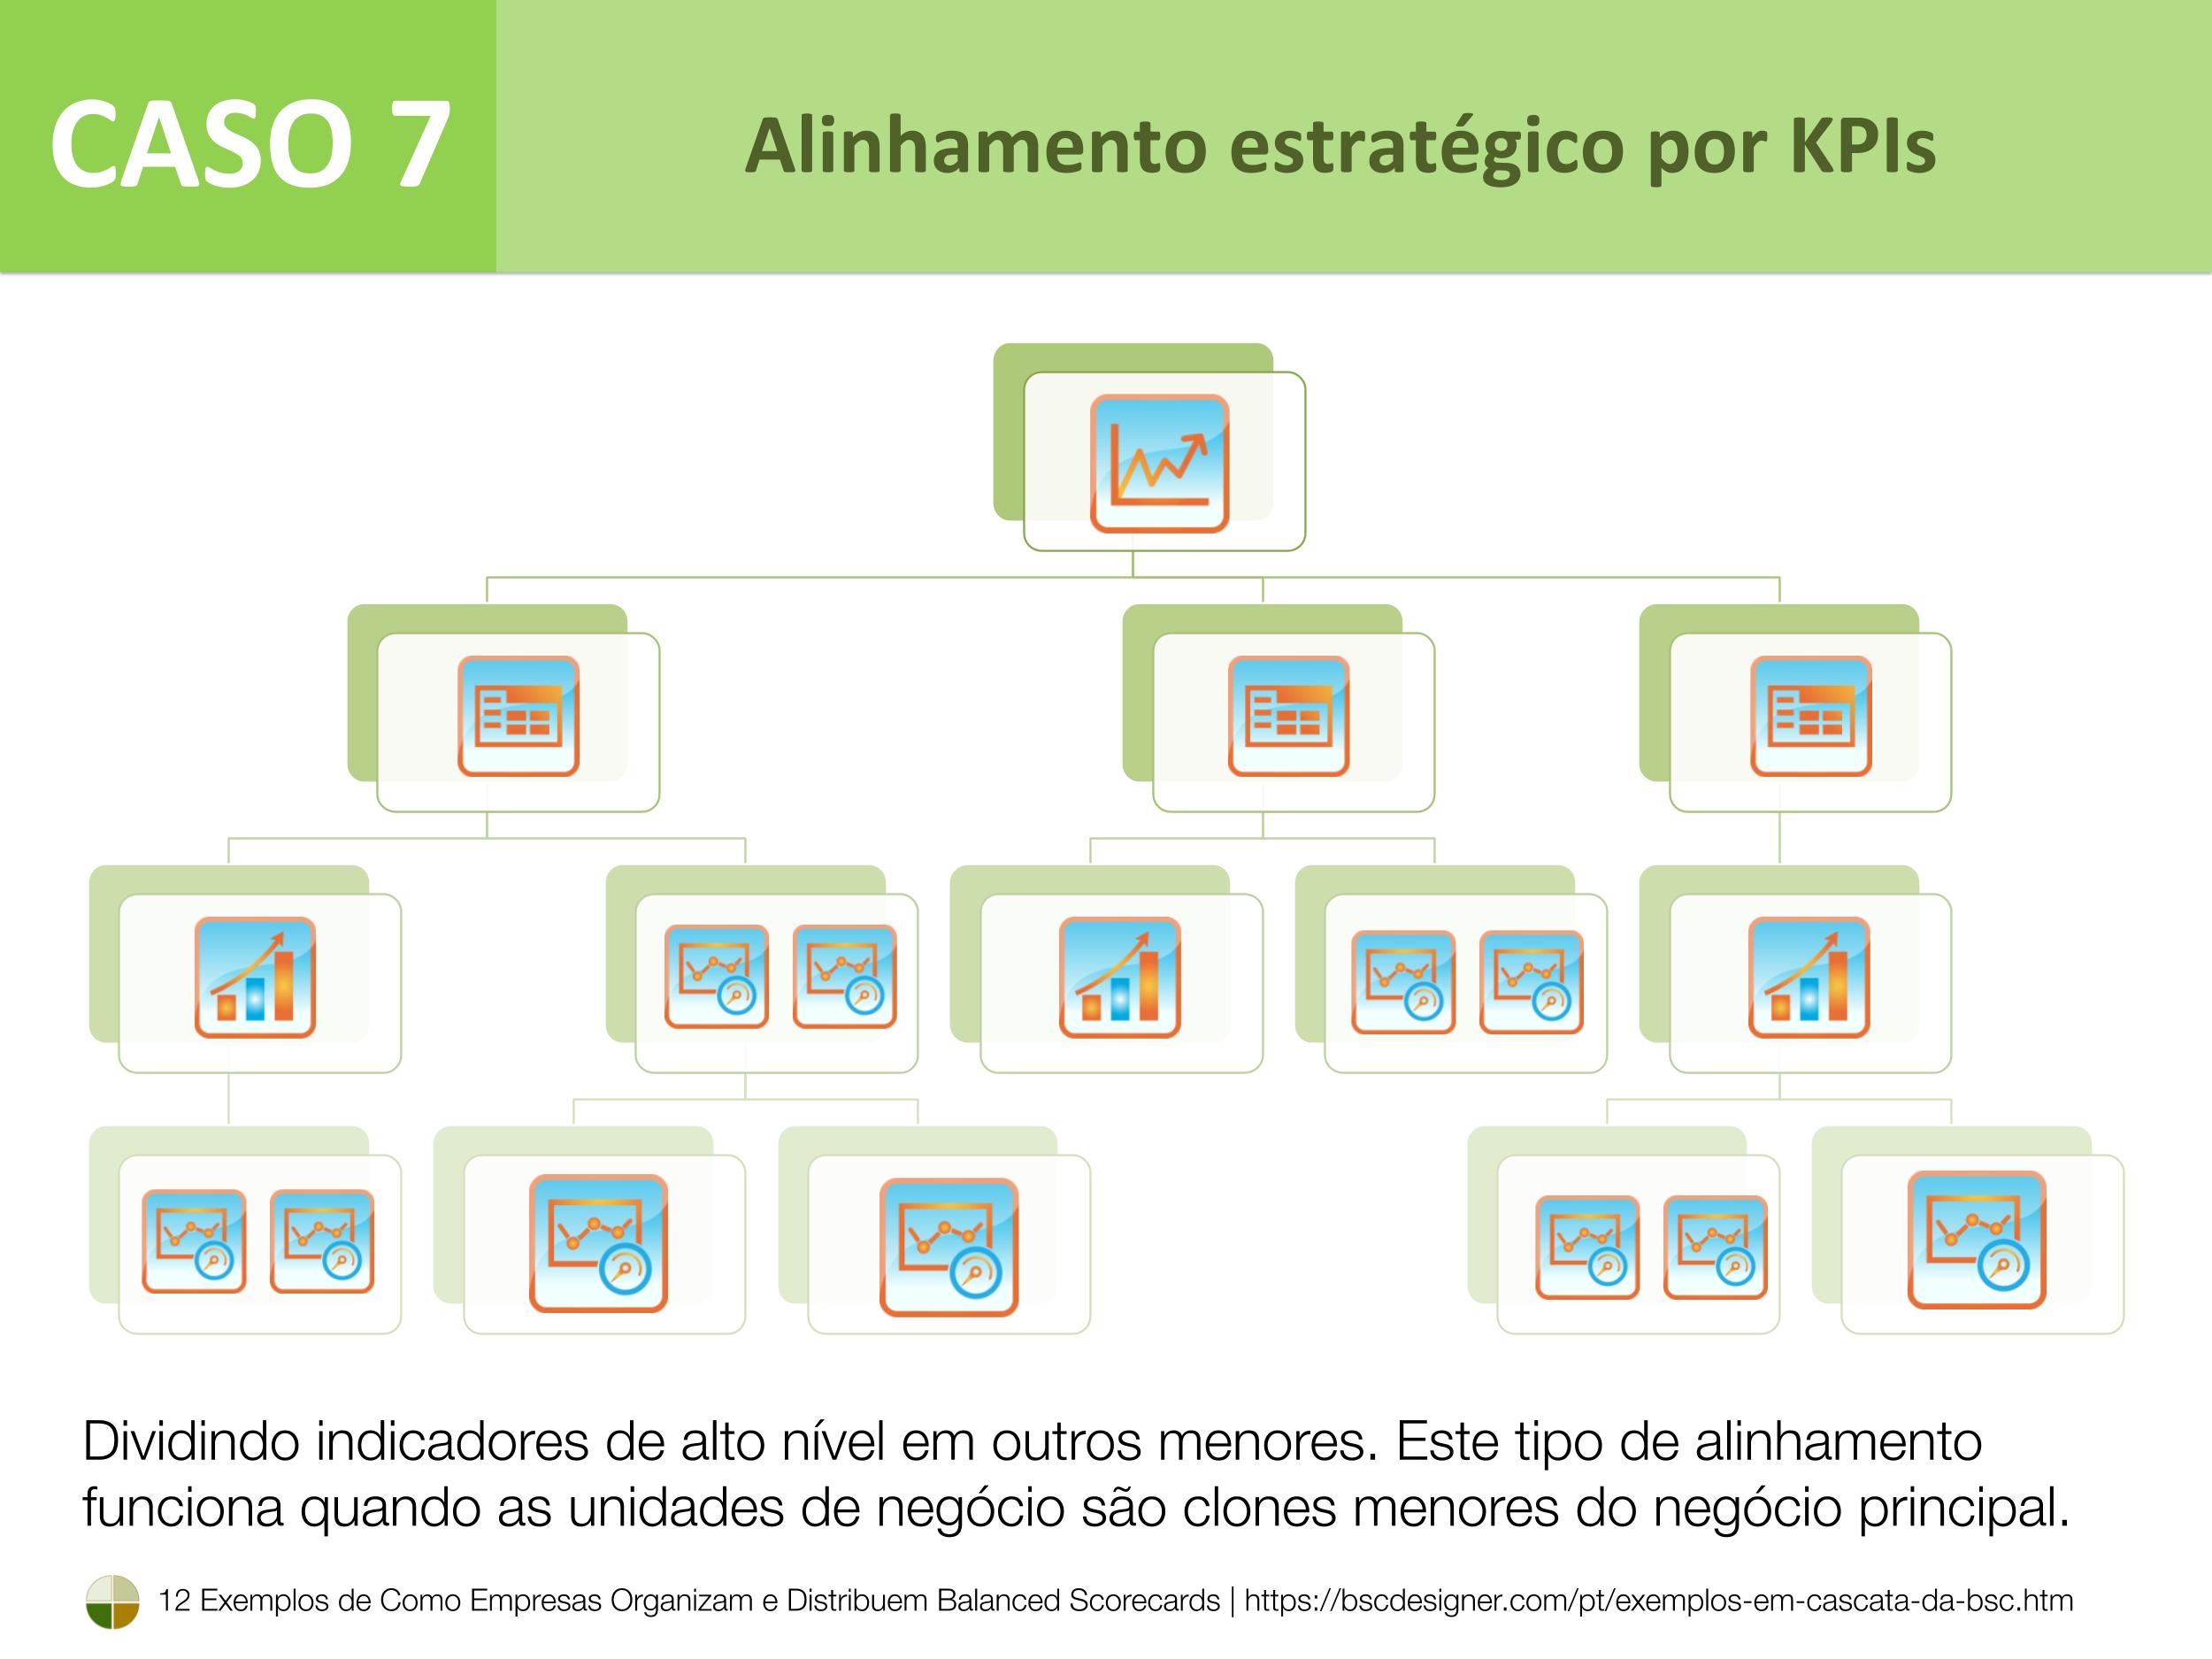 Caso 7 – Alinhamento estratégico por KPIs